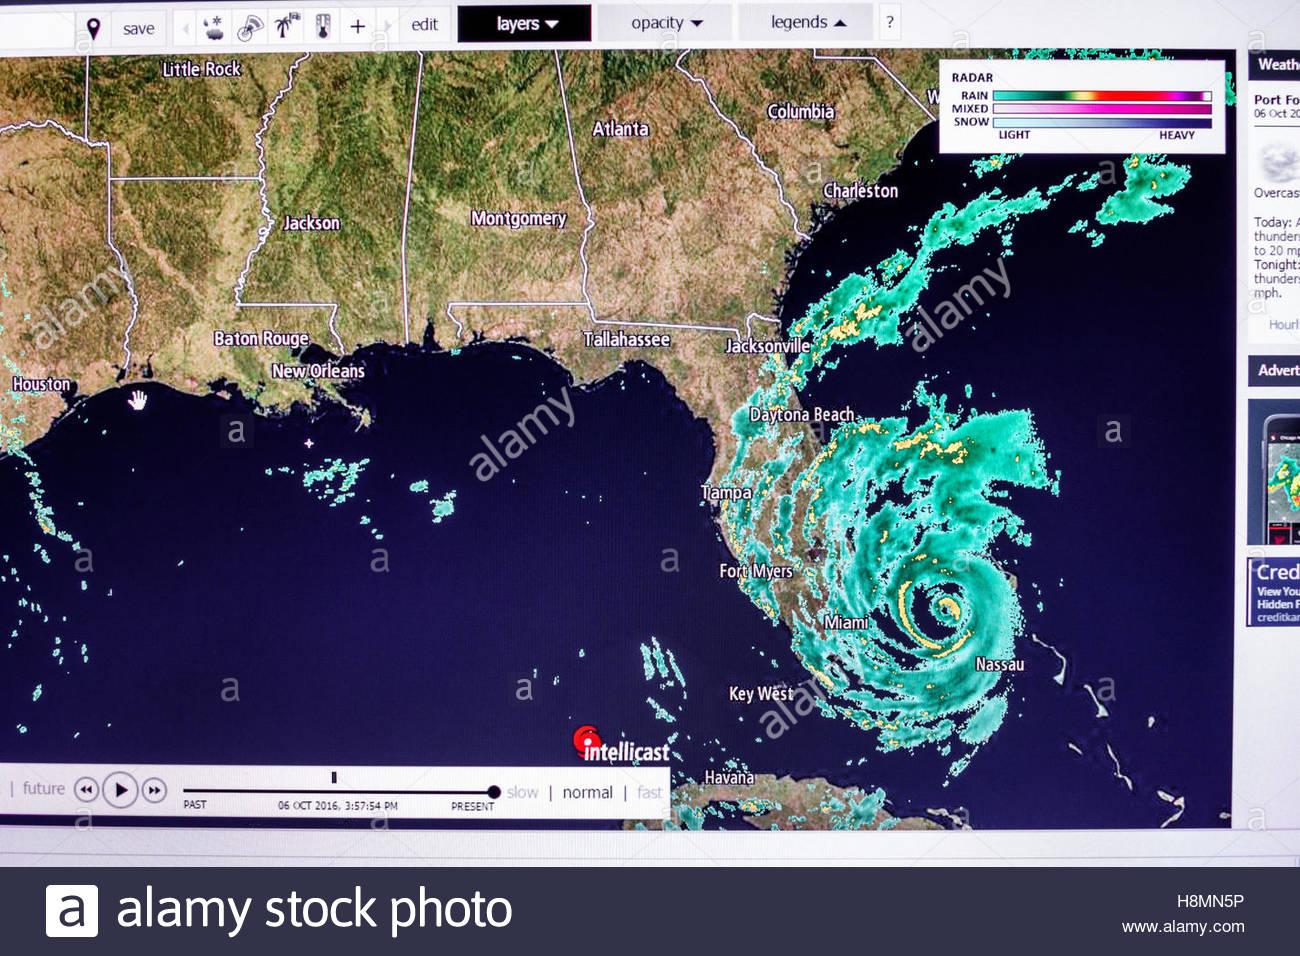 Weather Radar Map Photos & Weather Radar Map Images - Alamy - Florida Doppler Radar Map